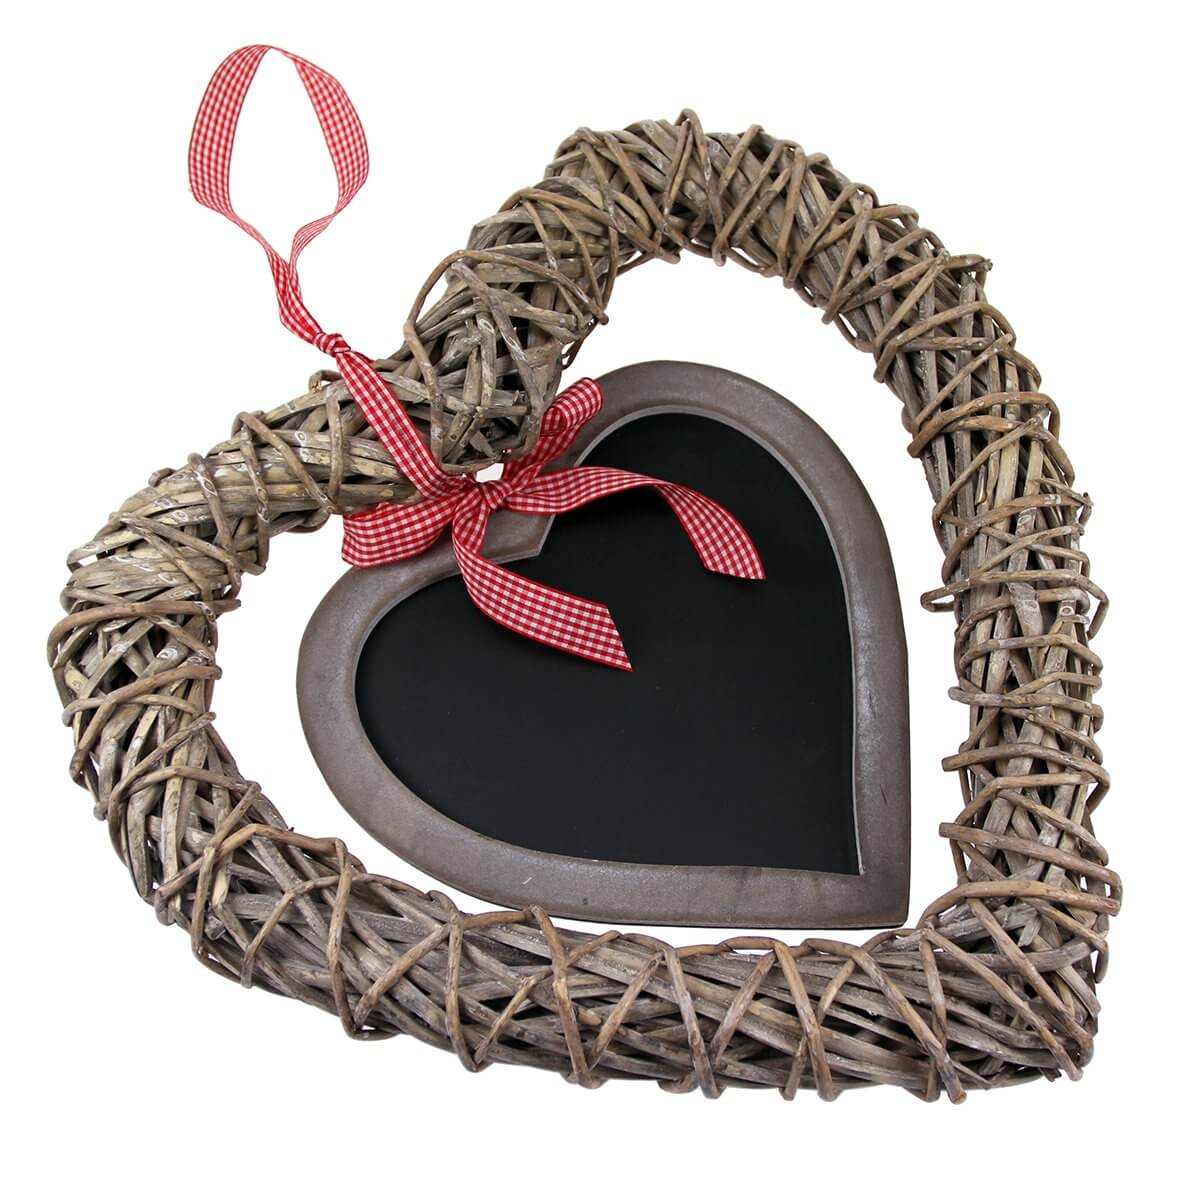 Heart Wreath Hanger with Chalkboard